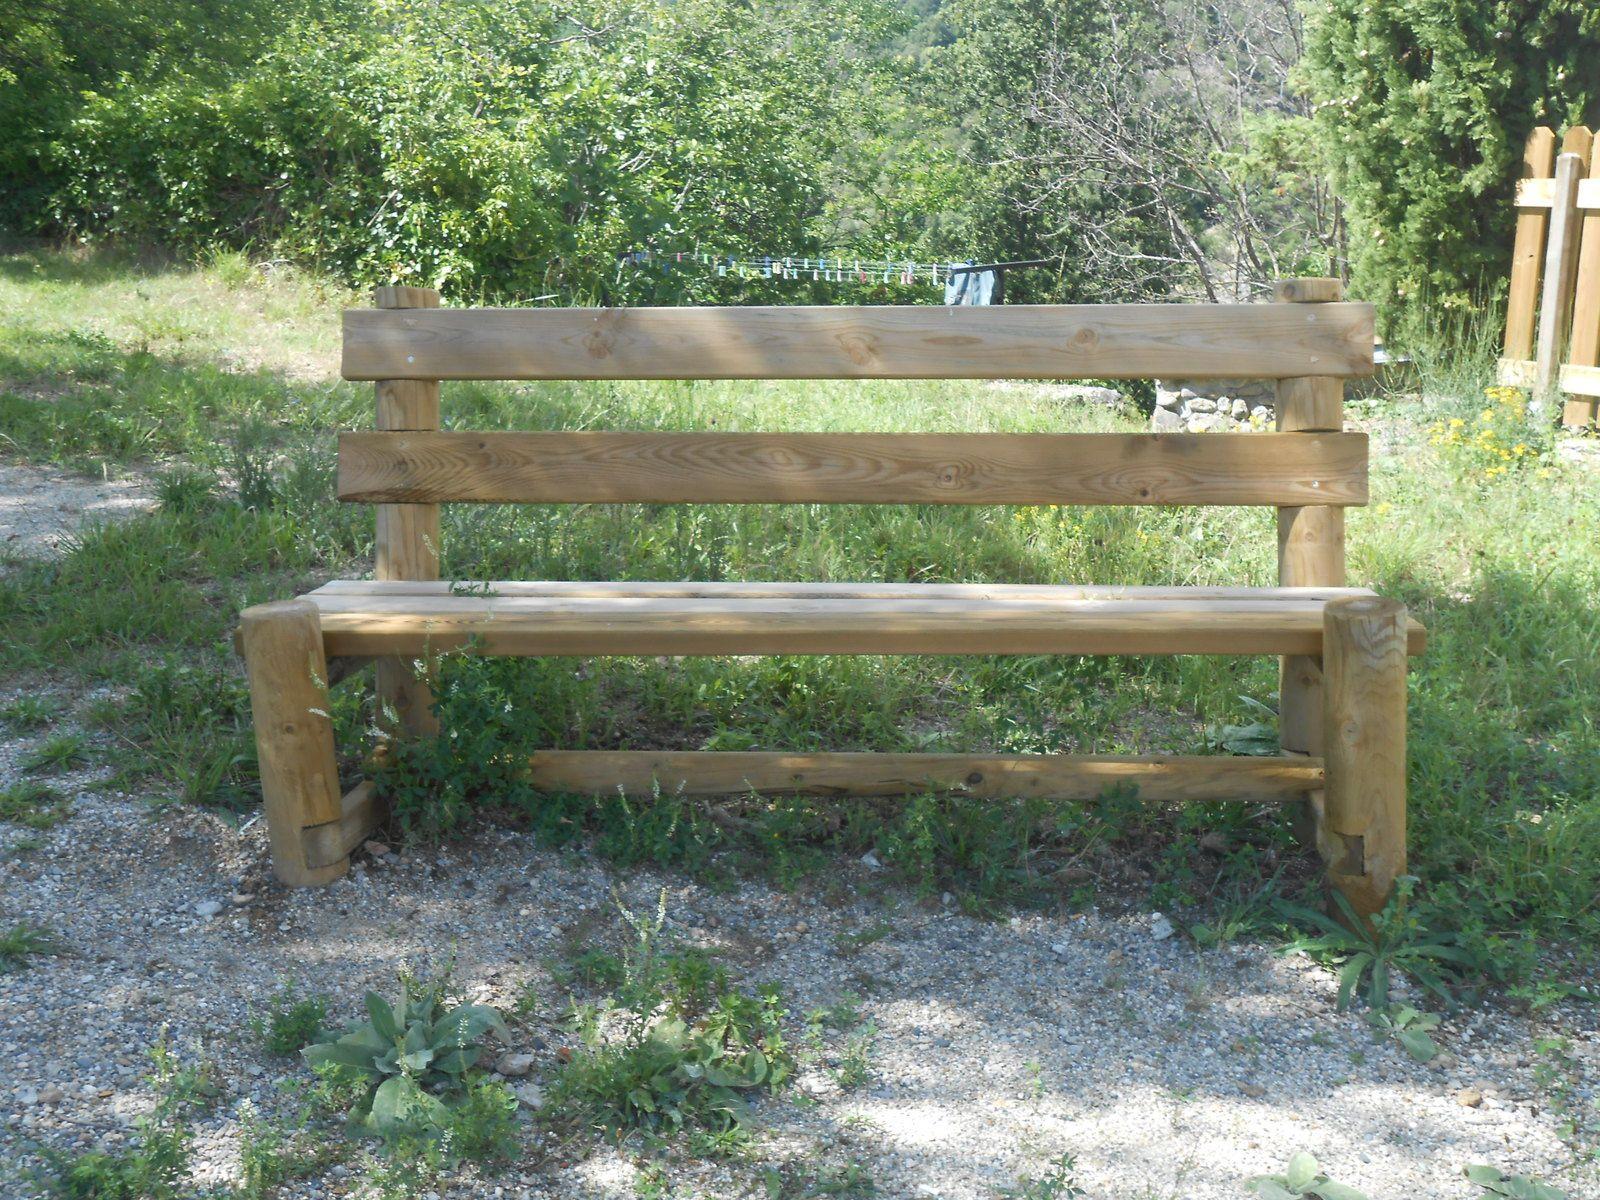 Le banc et la barrière réalisés par Guillaume Piq, employé municipal.